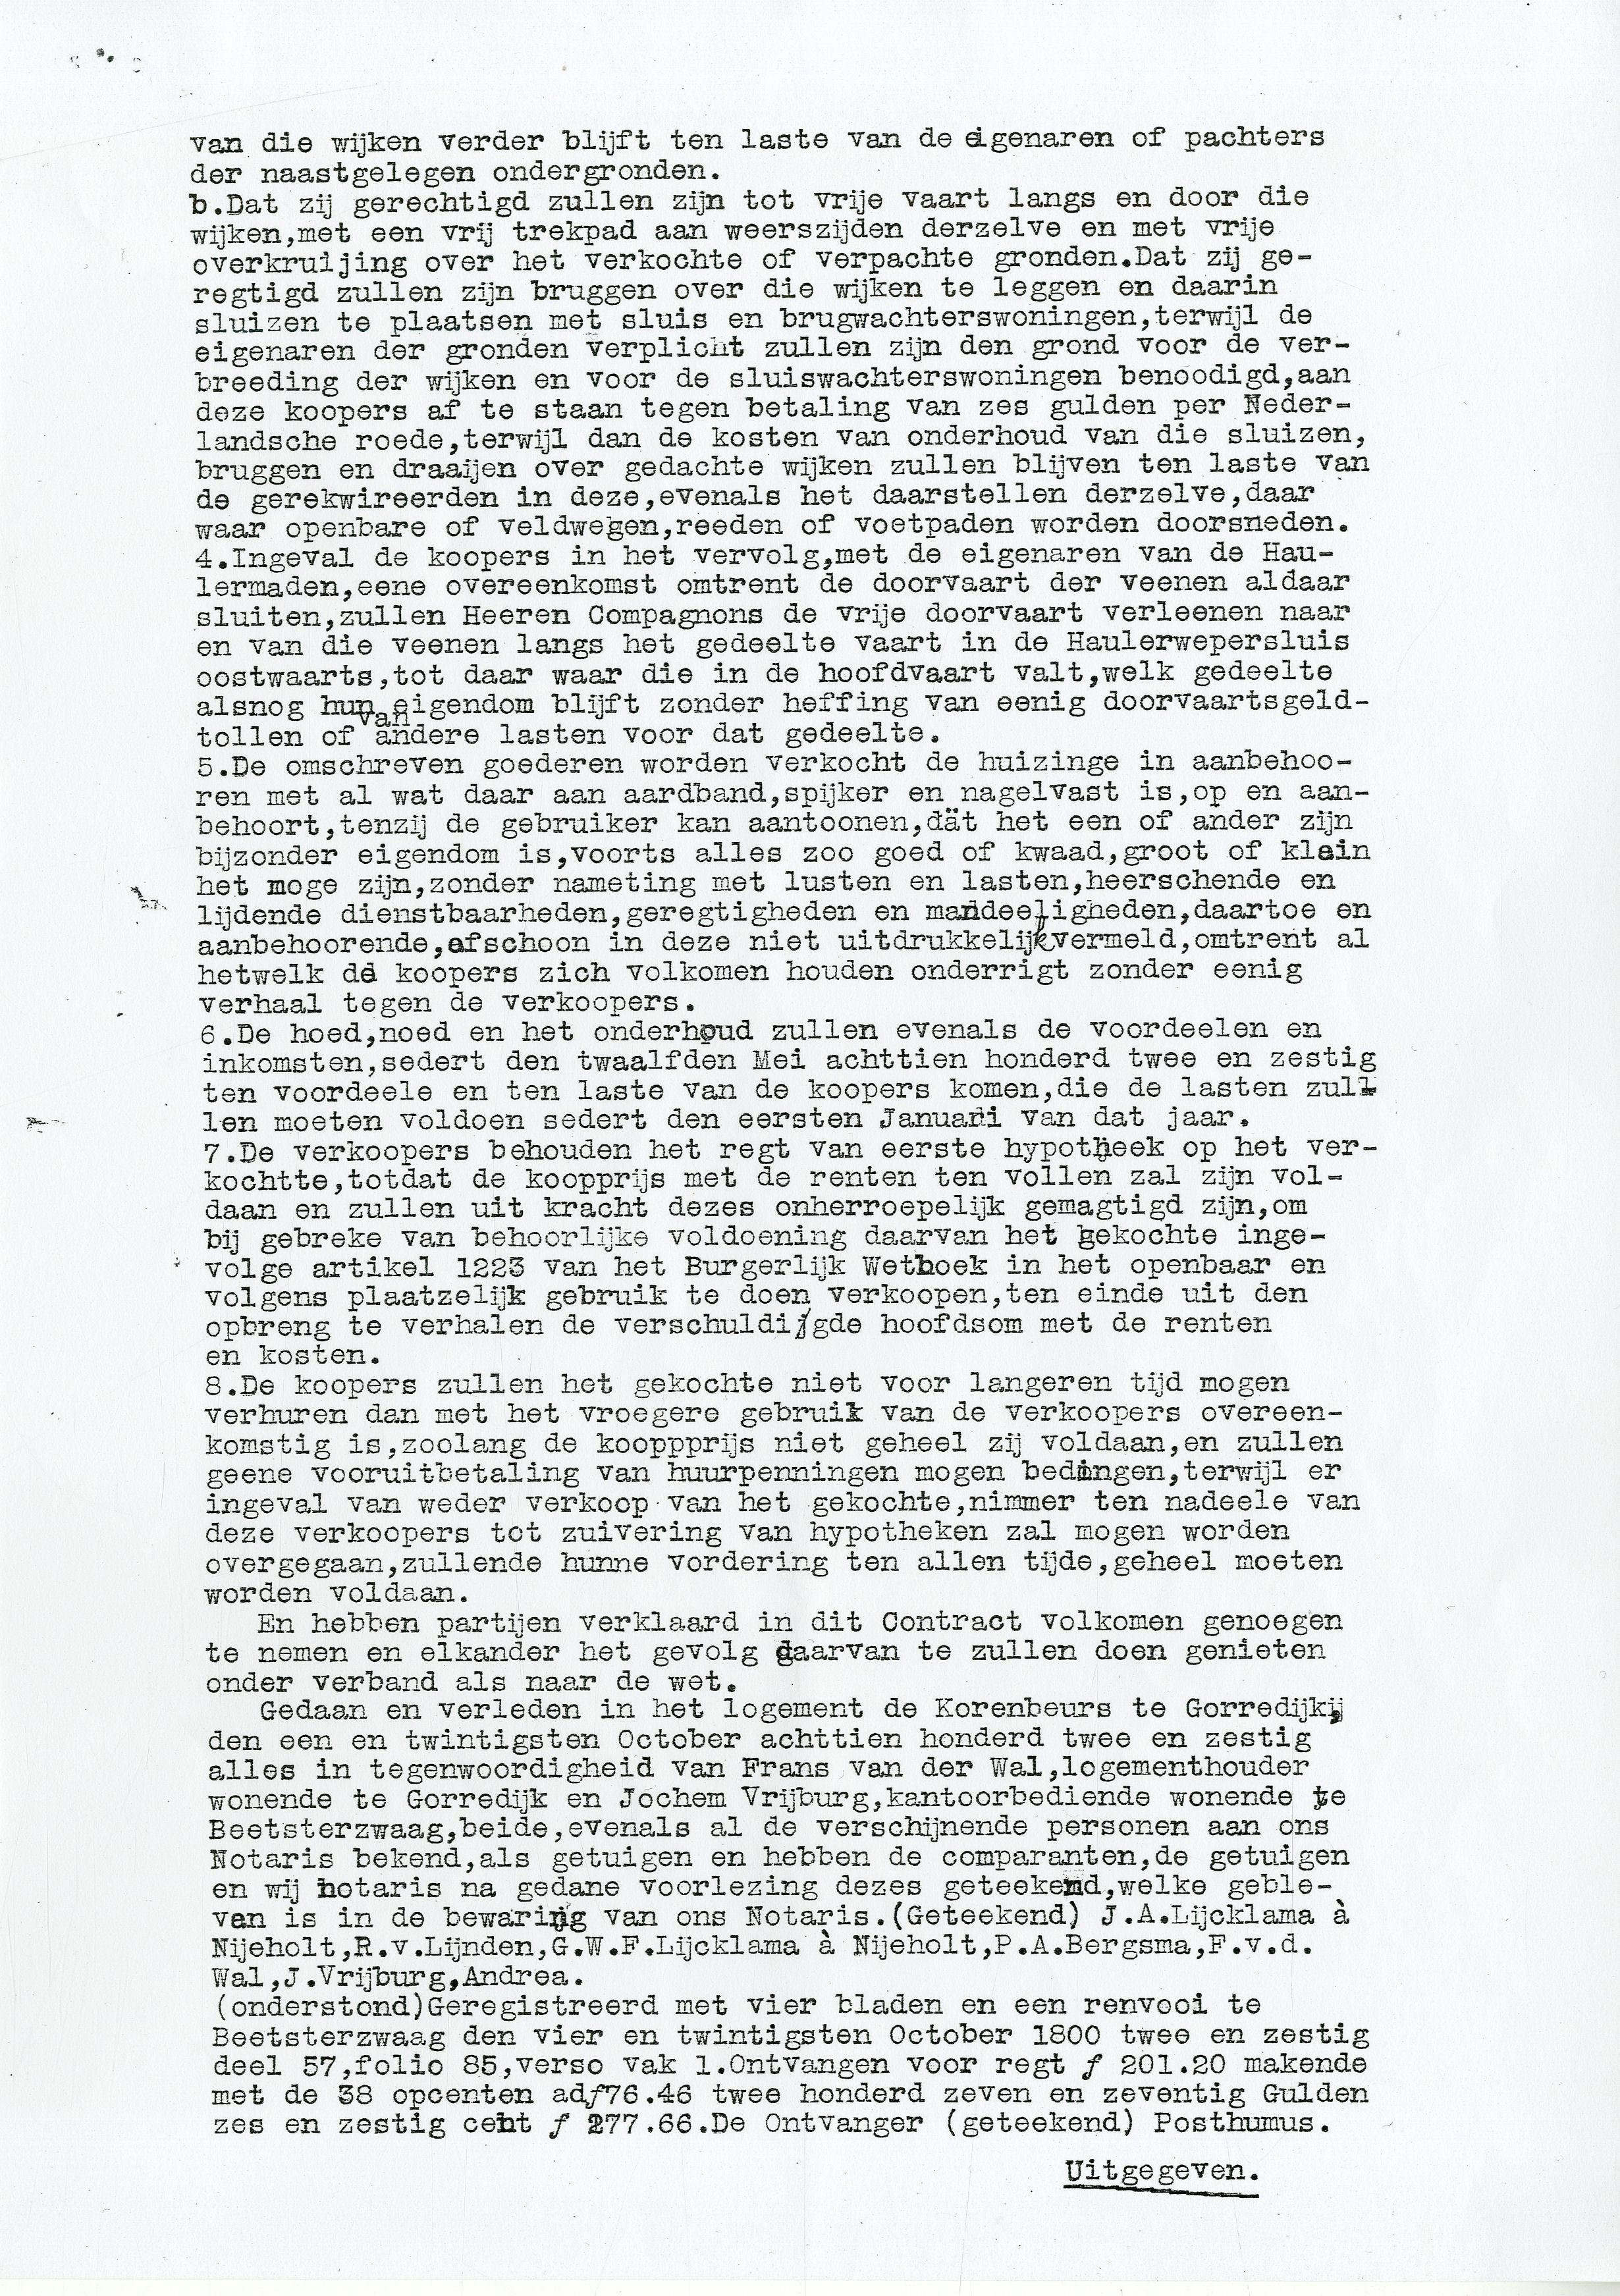 02-06-1920 overdracht Haulerwijkstervaart